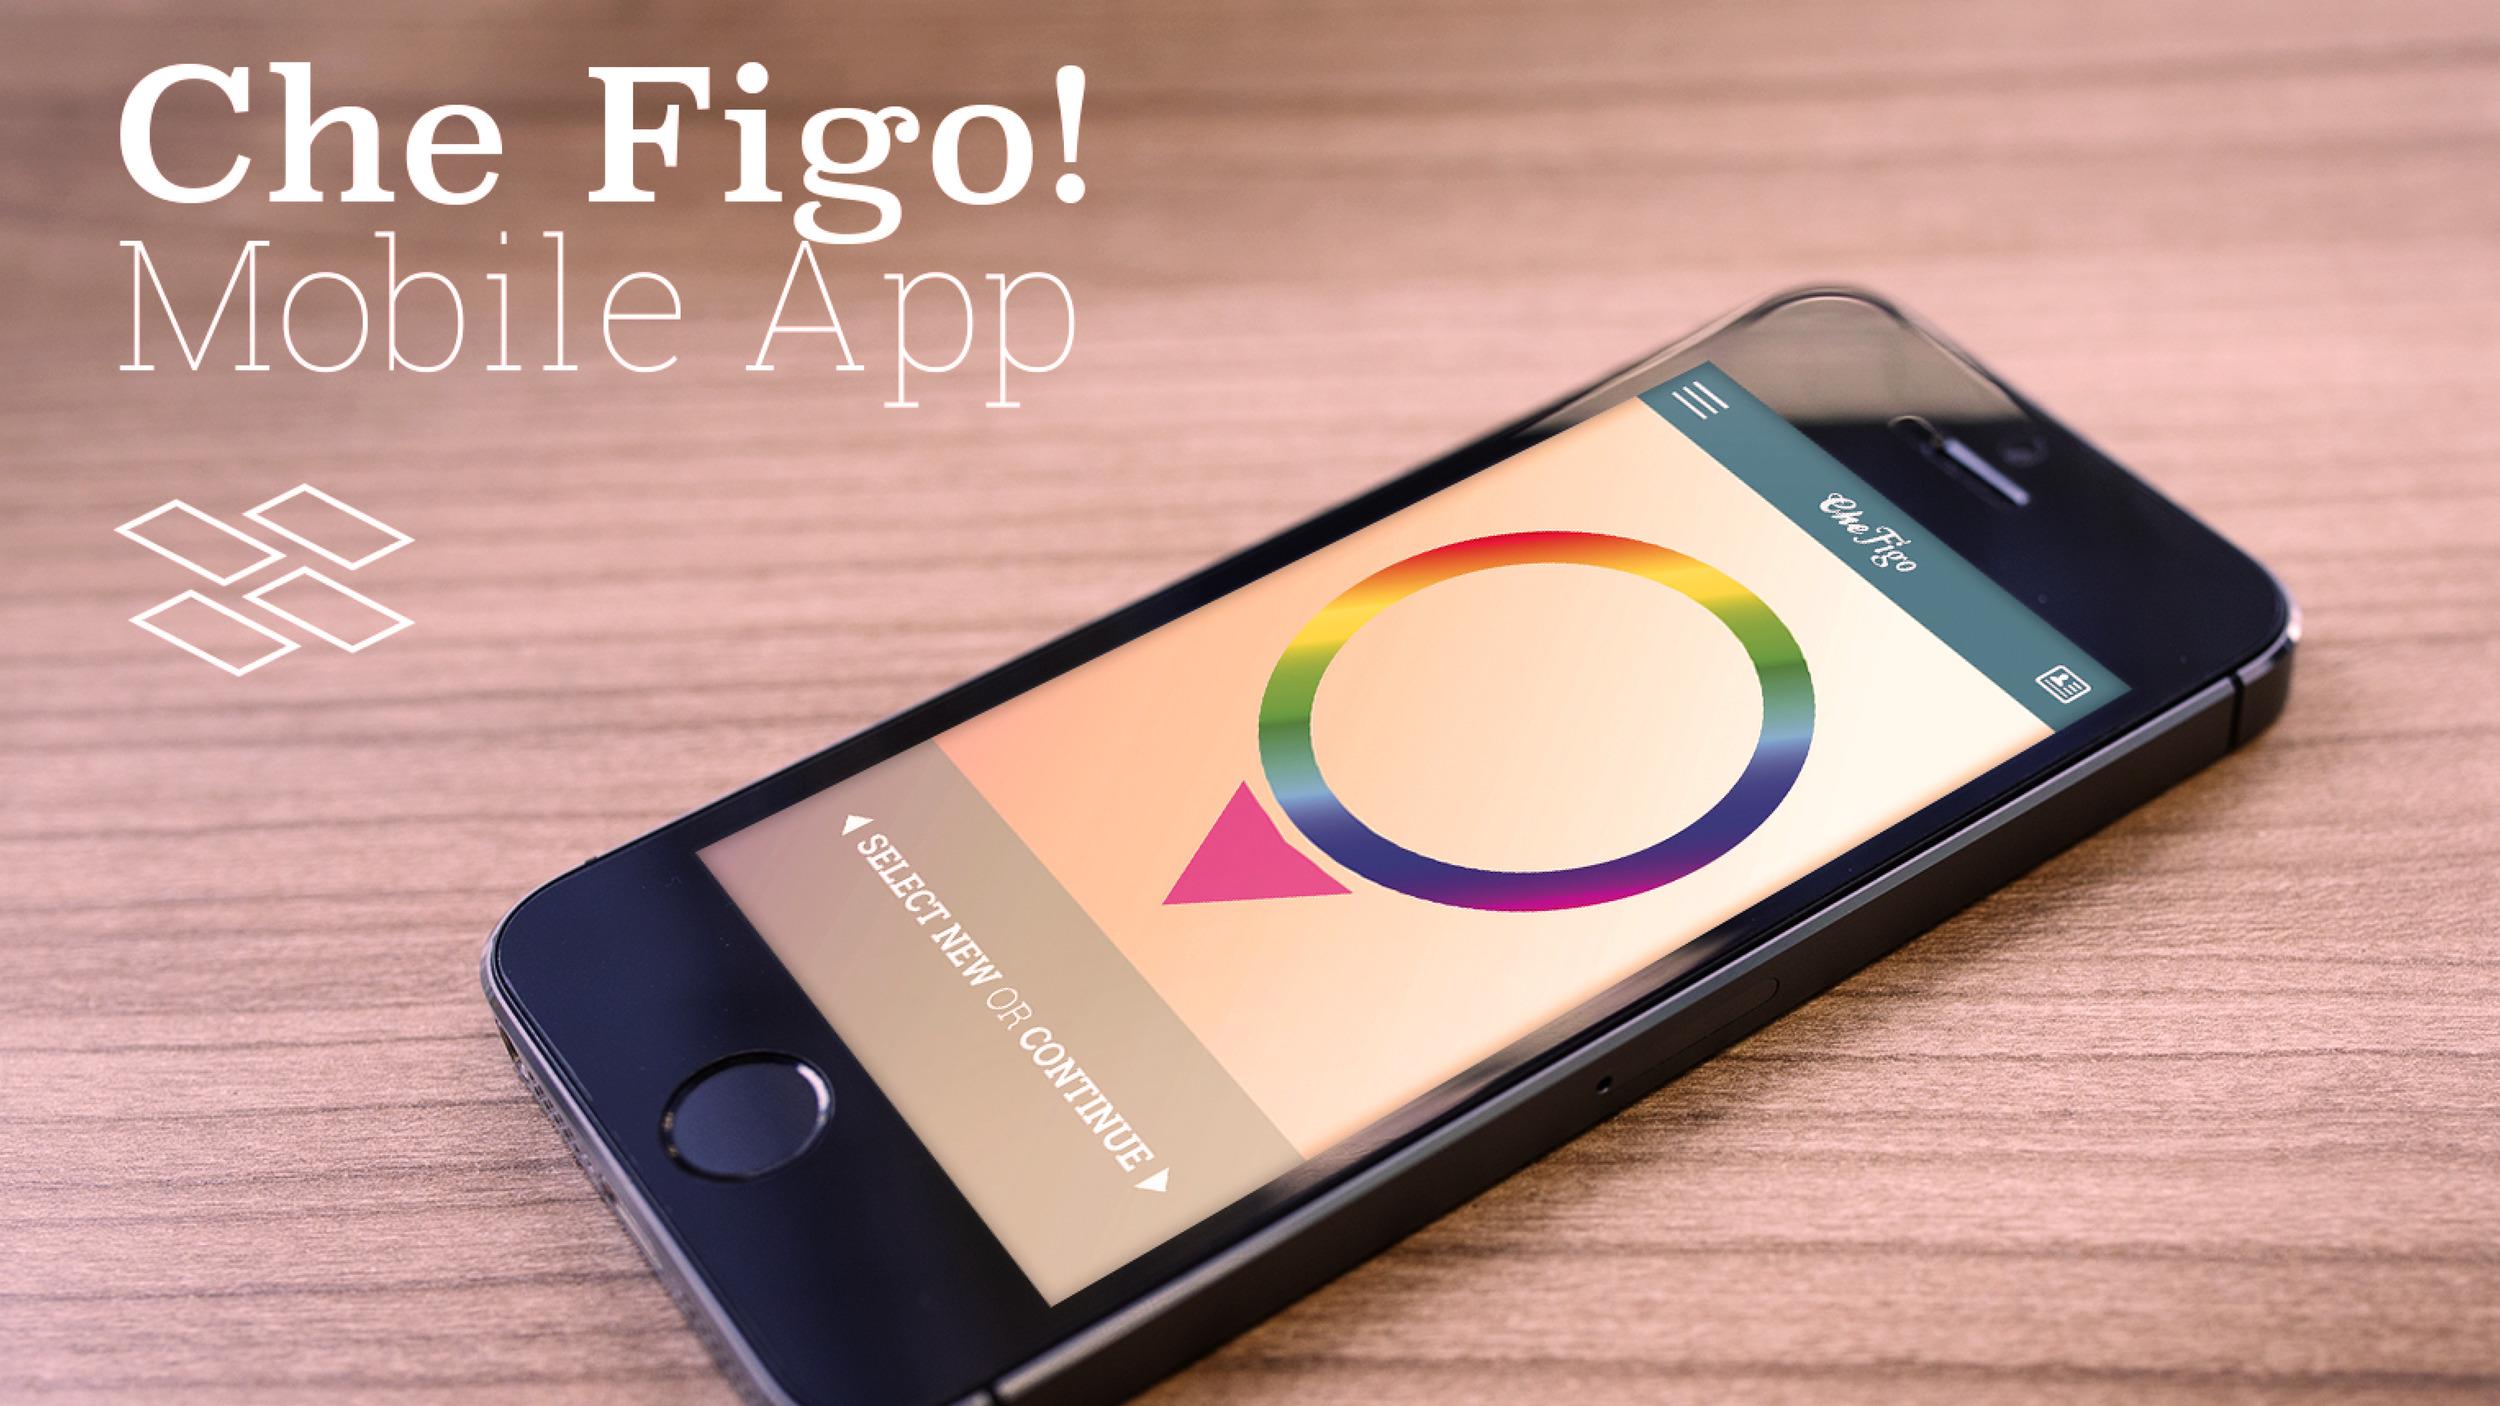 Che Figo Mobile App